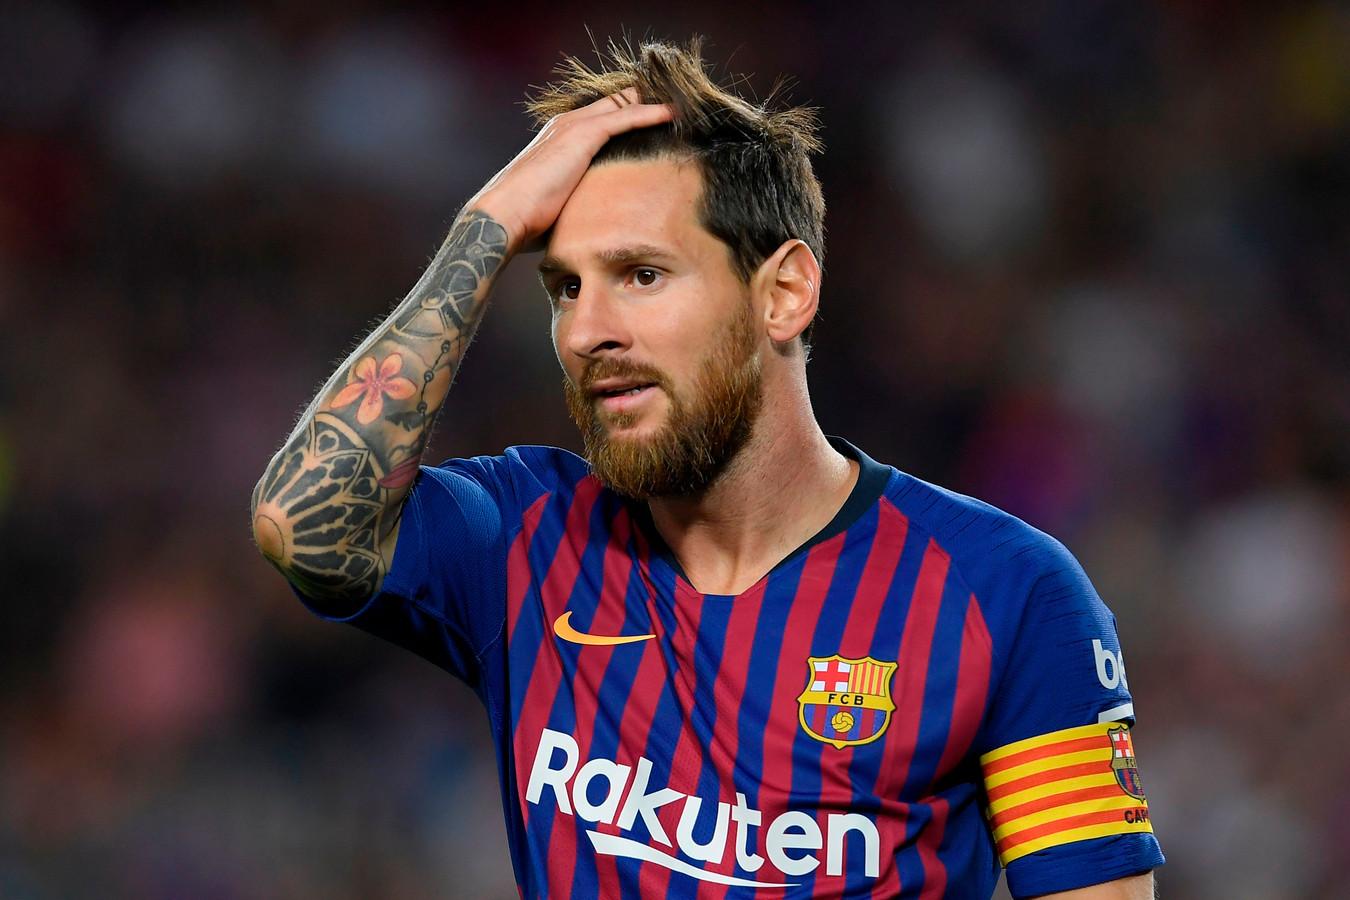 Messi zien spelen? Kans groot dat er nog een plekje vrij is in Camp Nou.